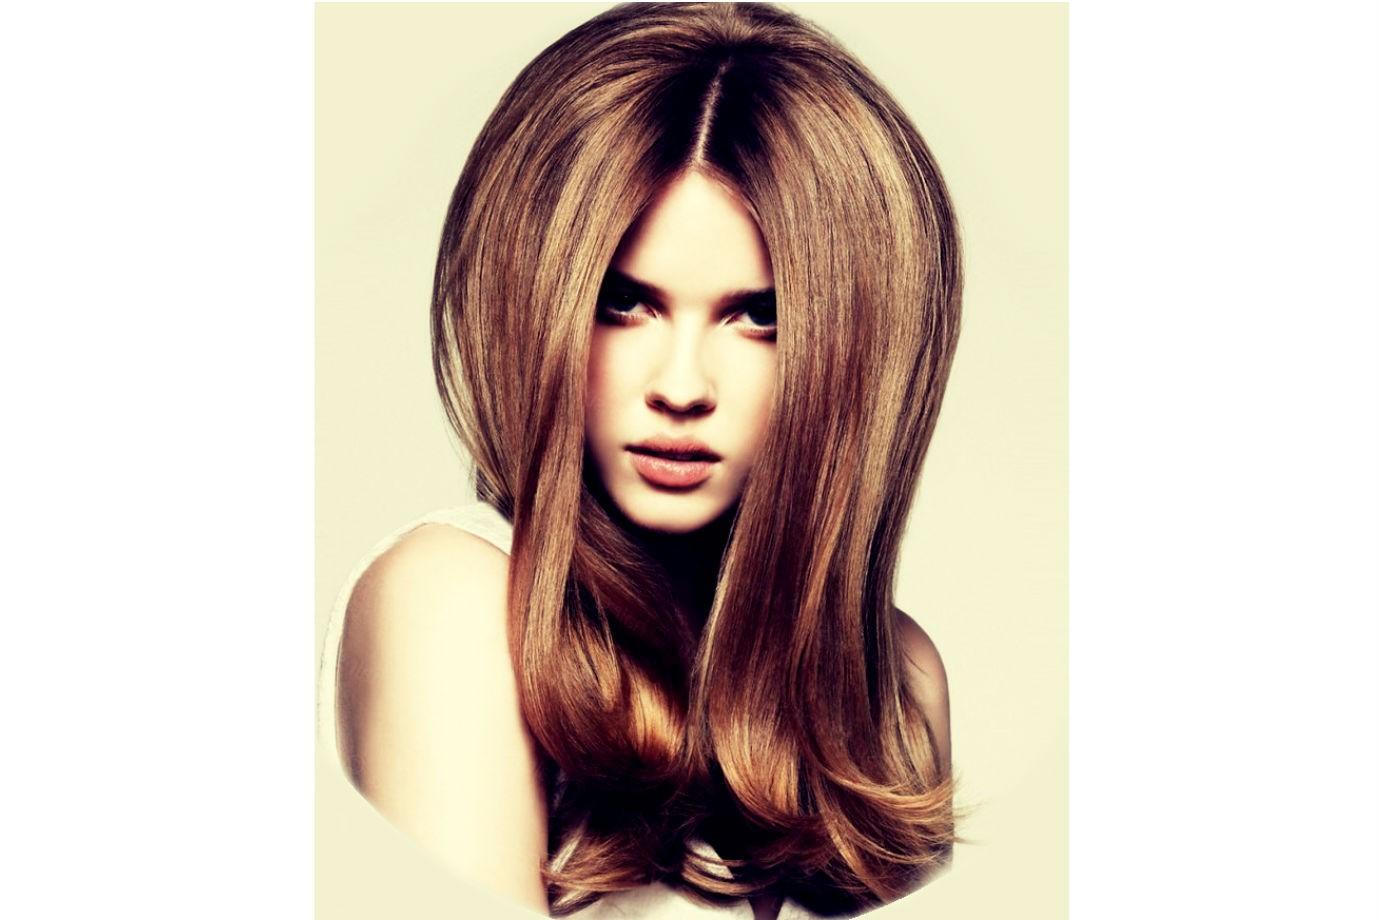 Буст ап для волос - что это такое,фото и отзывы,цены,как делать в домашних условиях